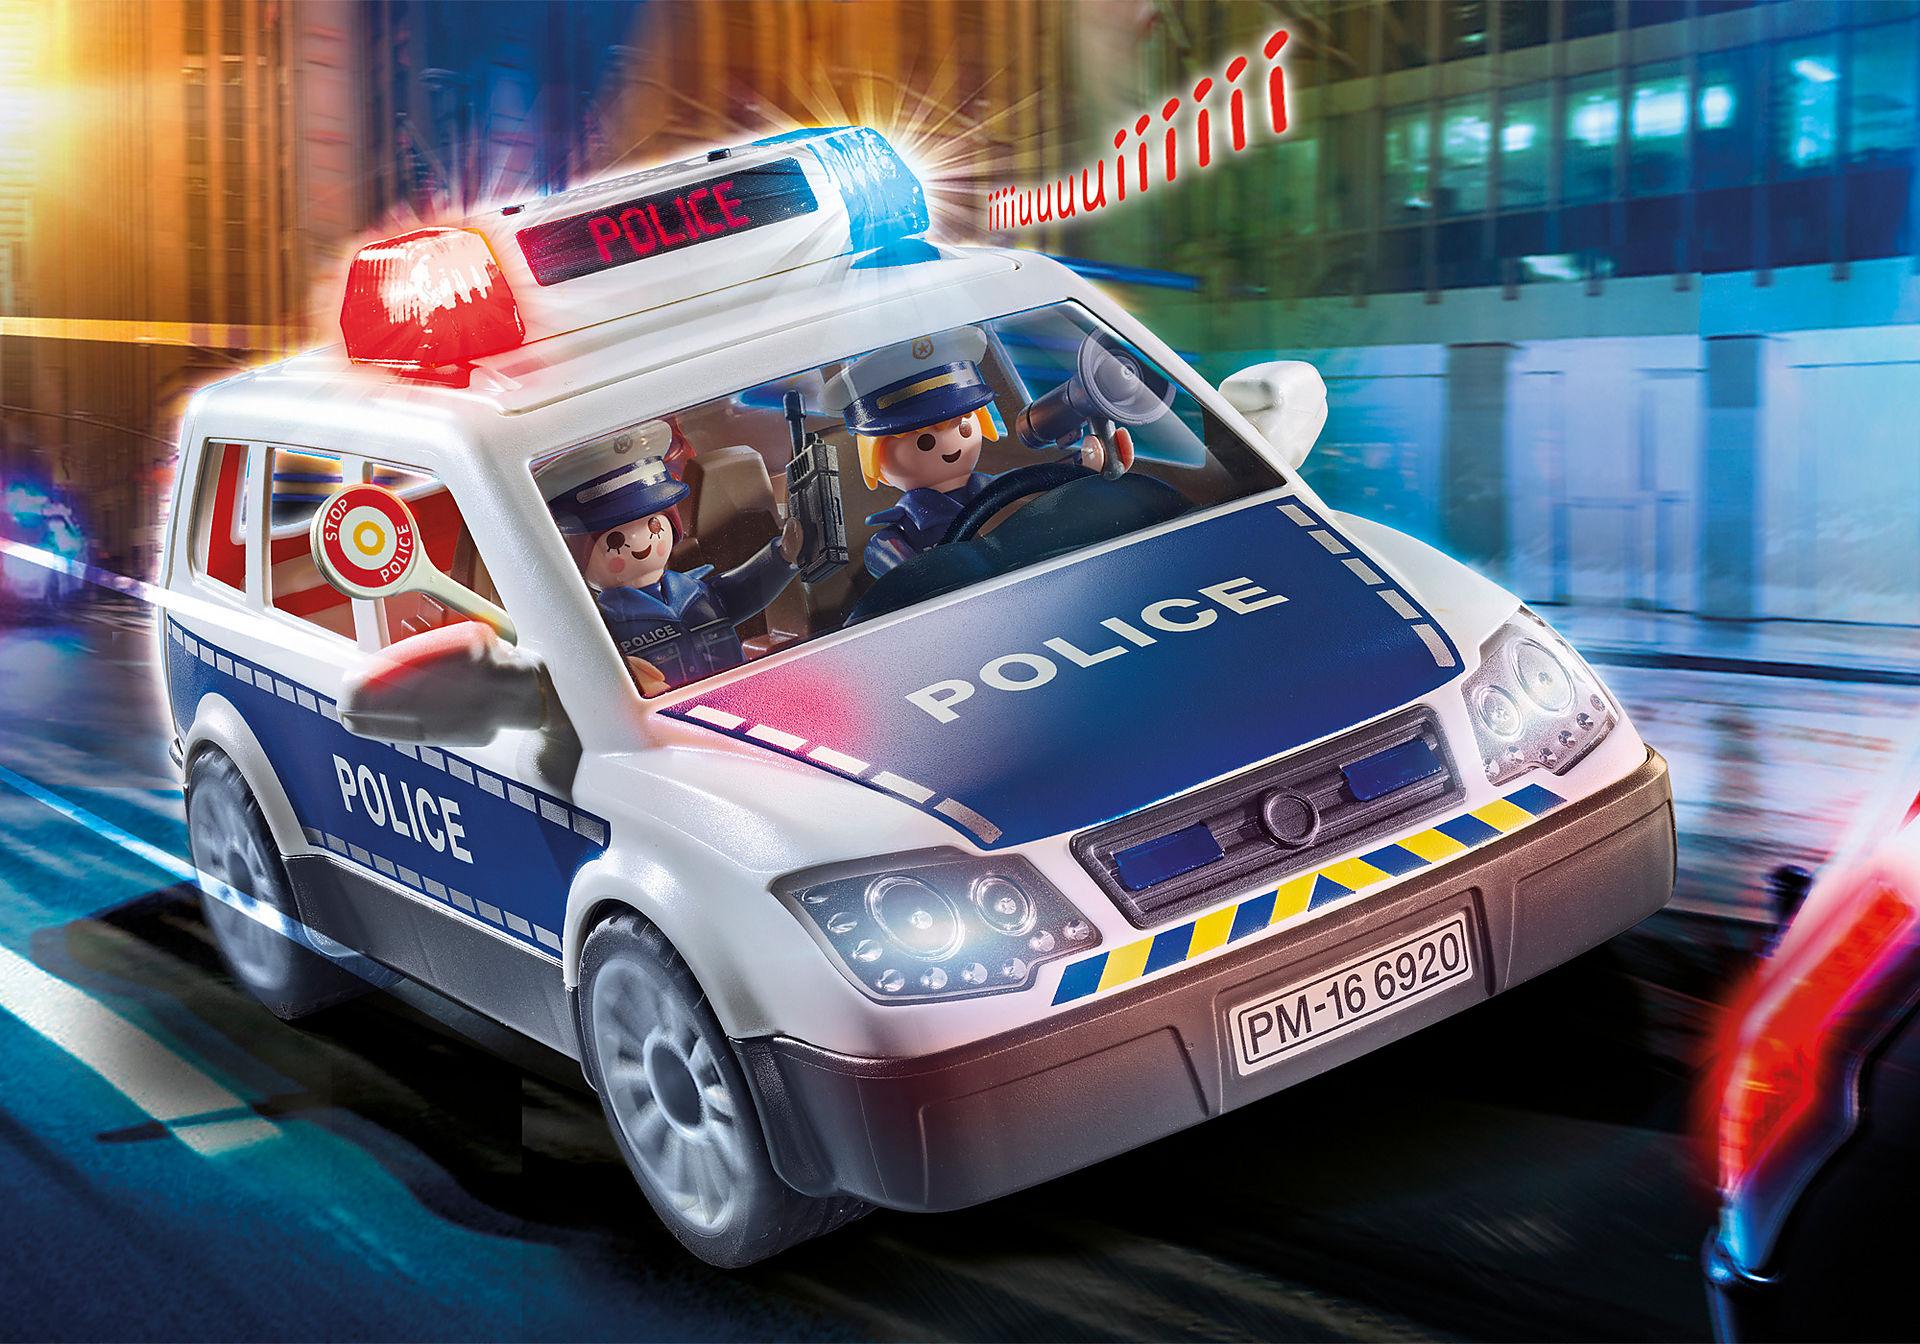 6920 Coche de Policía con Luces y Sonido zoom image1